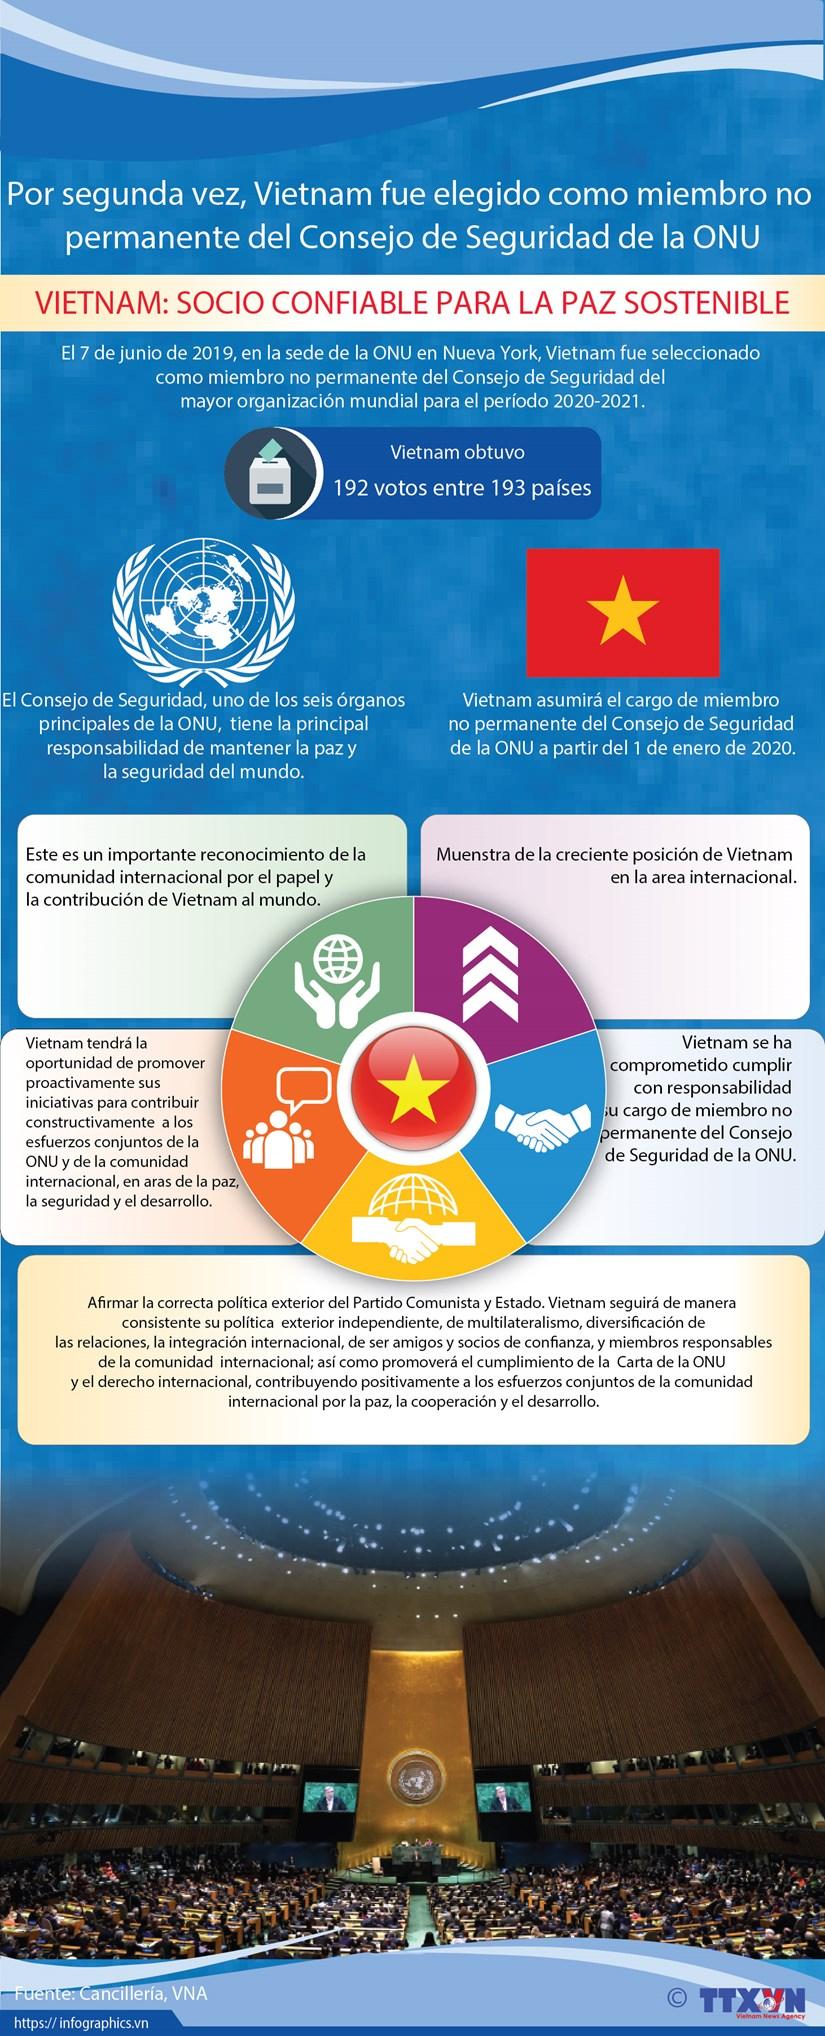 [Info] Vietnam fue elegido como miembro no permanente del Consejo de Seguridad de la ONU hinh anh 1